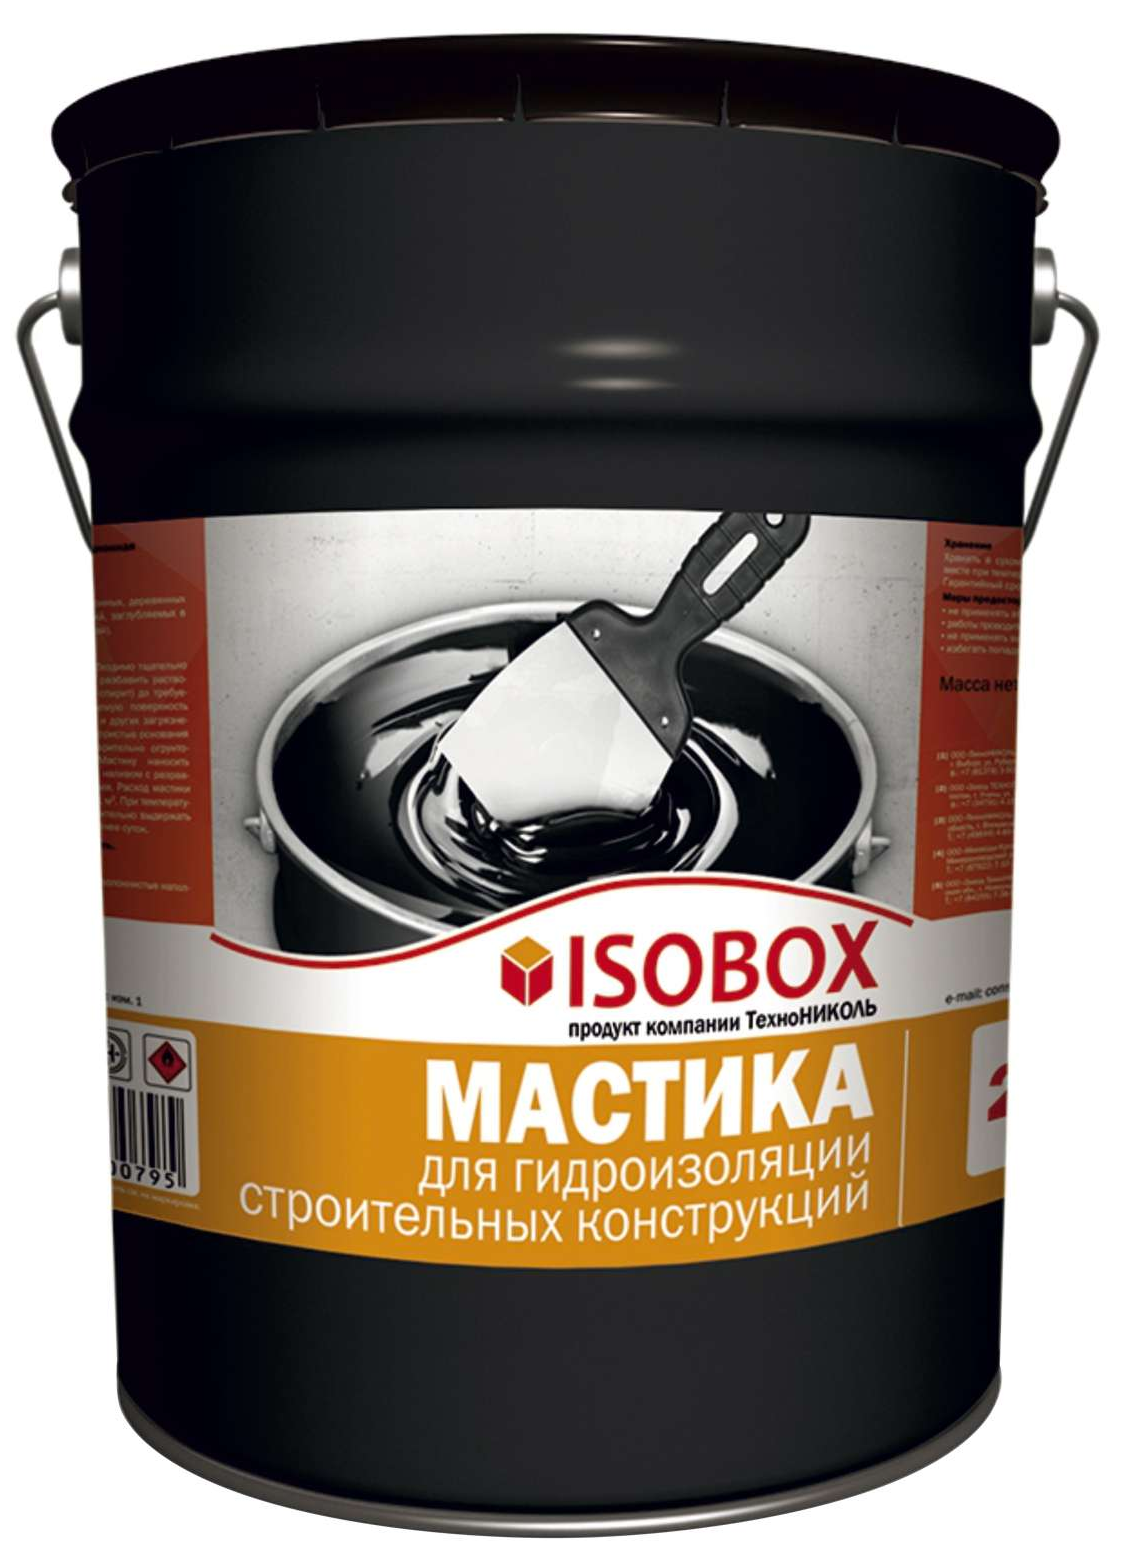 Мастика Isobox, 22 л, битумная гидроизоляционная